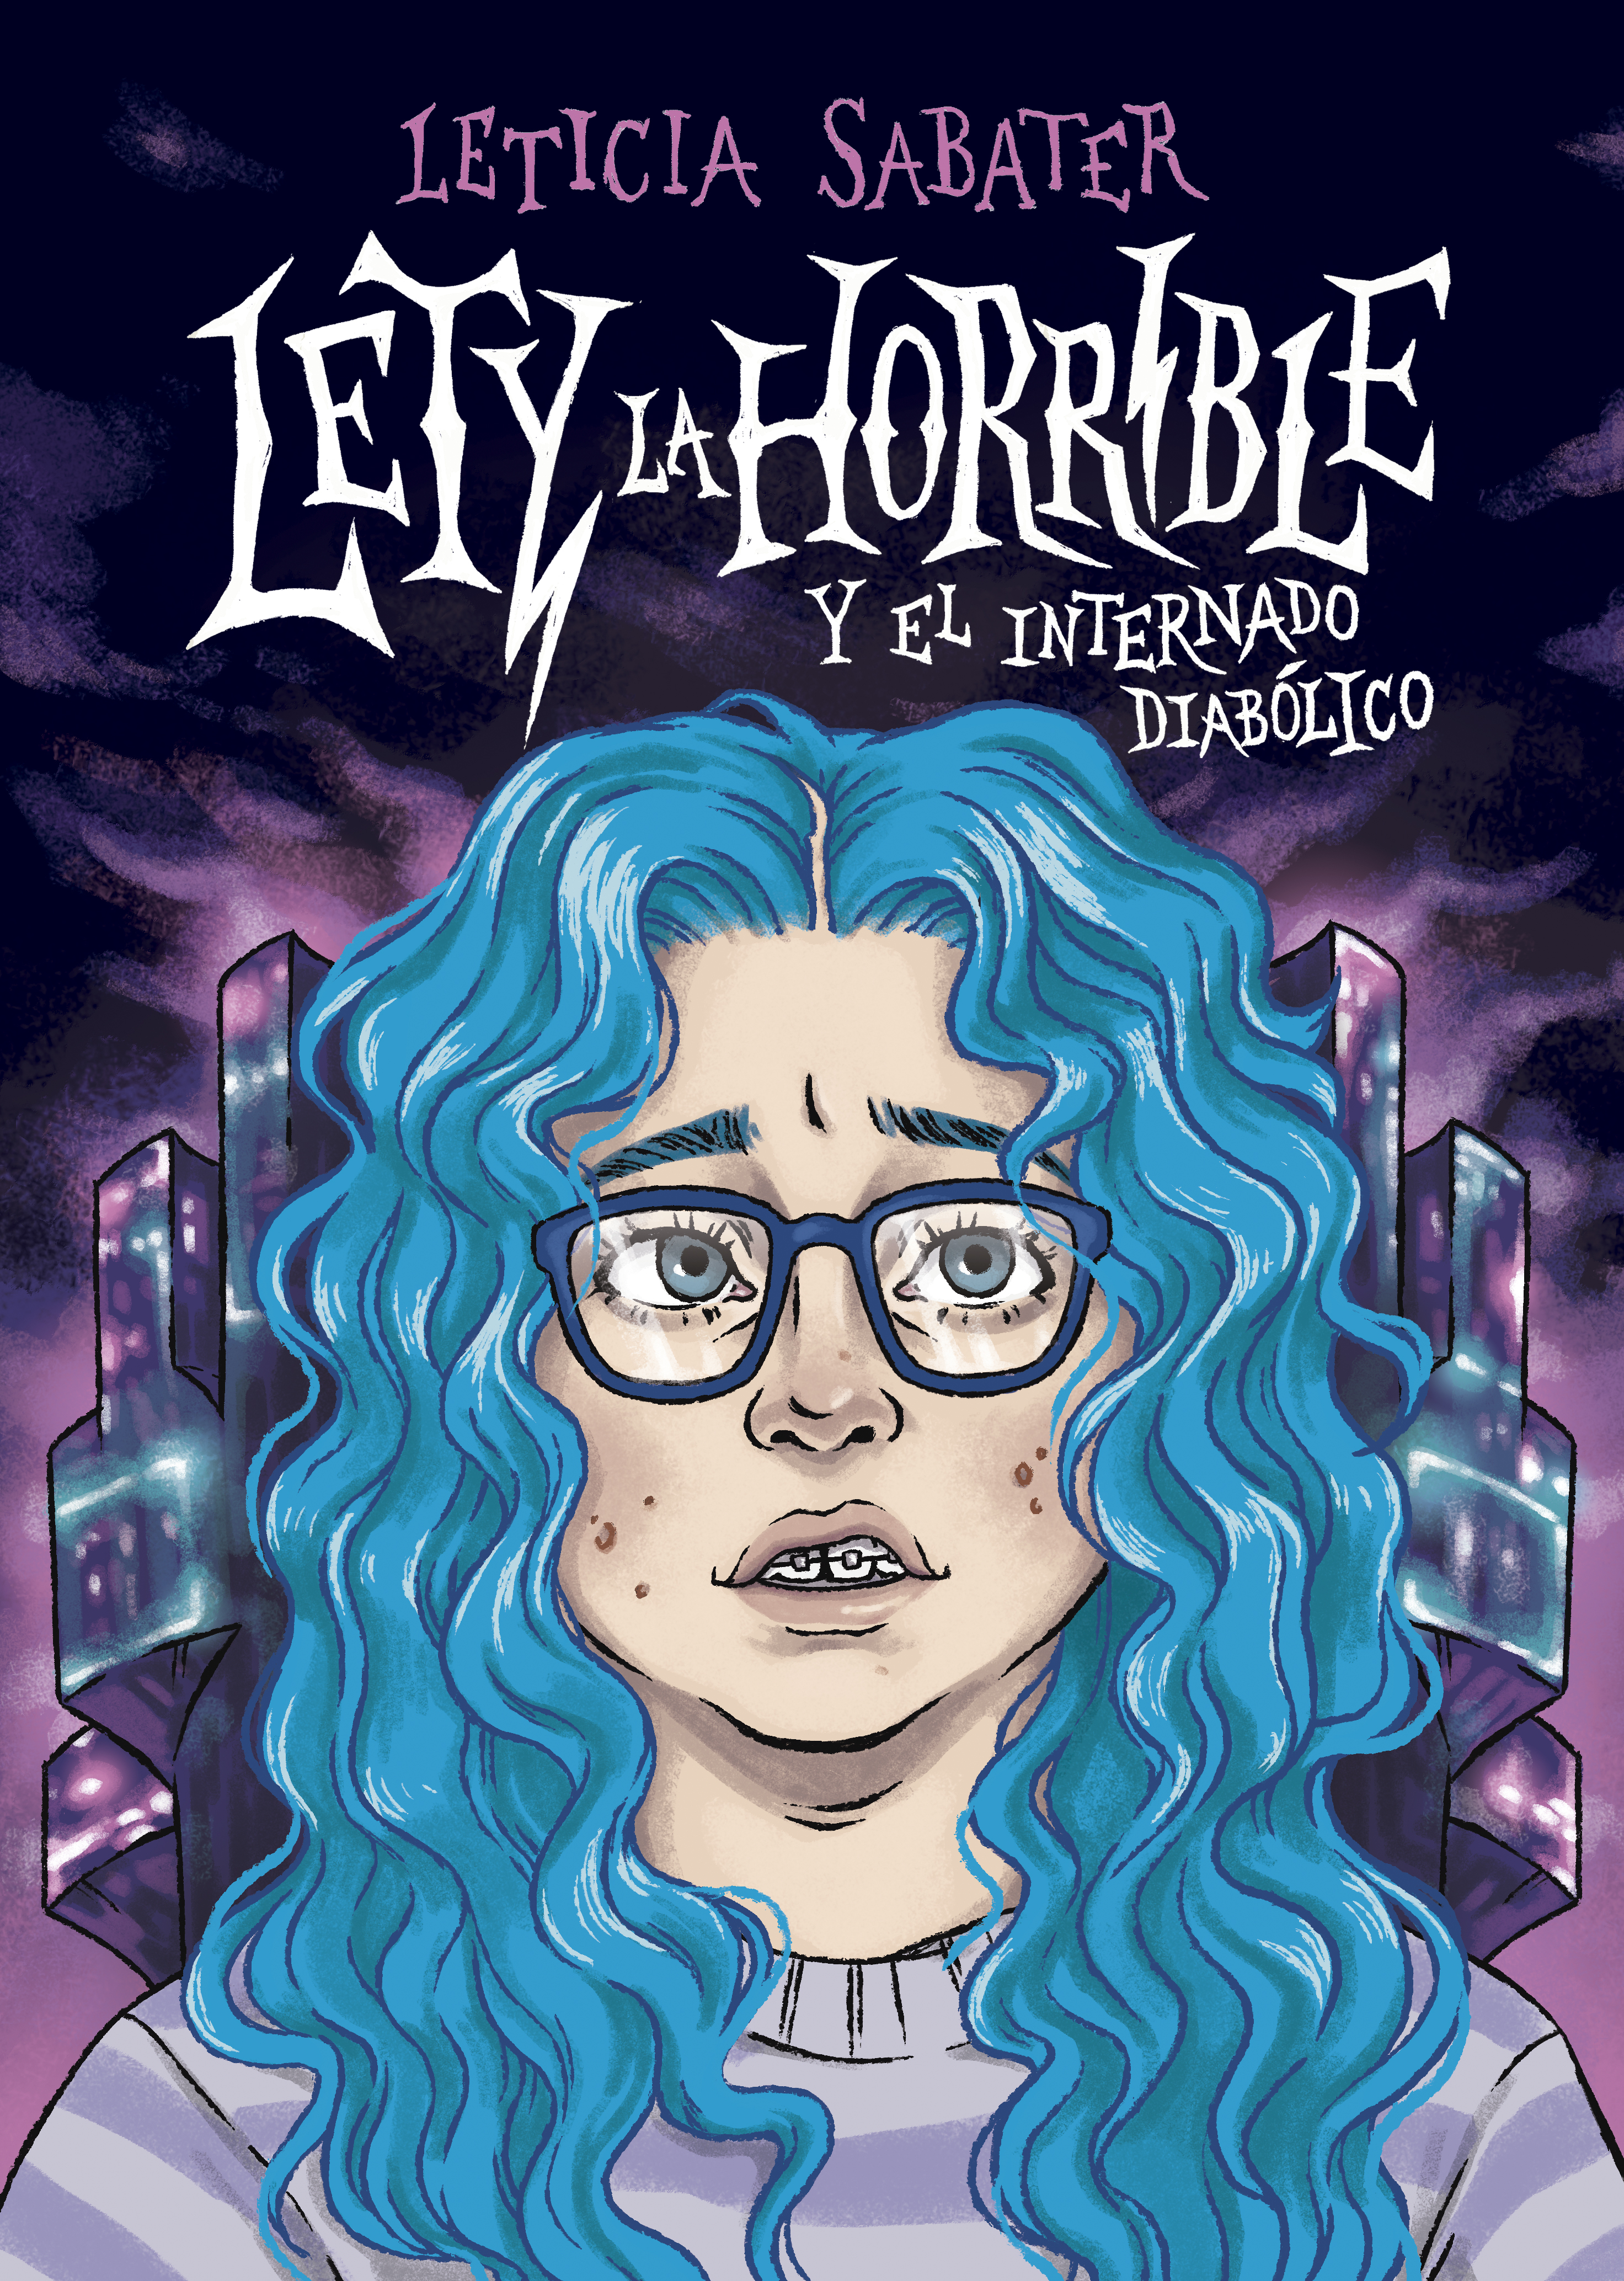 Leticia Sabater Lety la Horrible y el Internado Diabólico